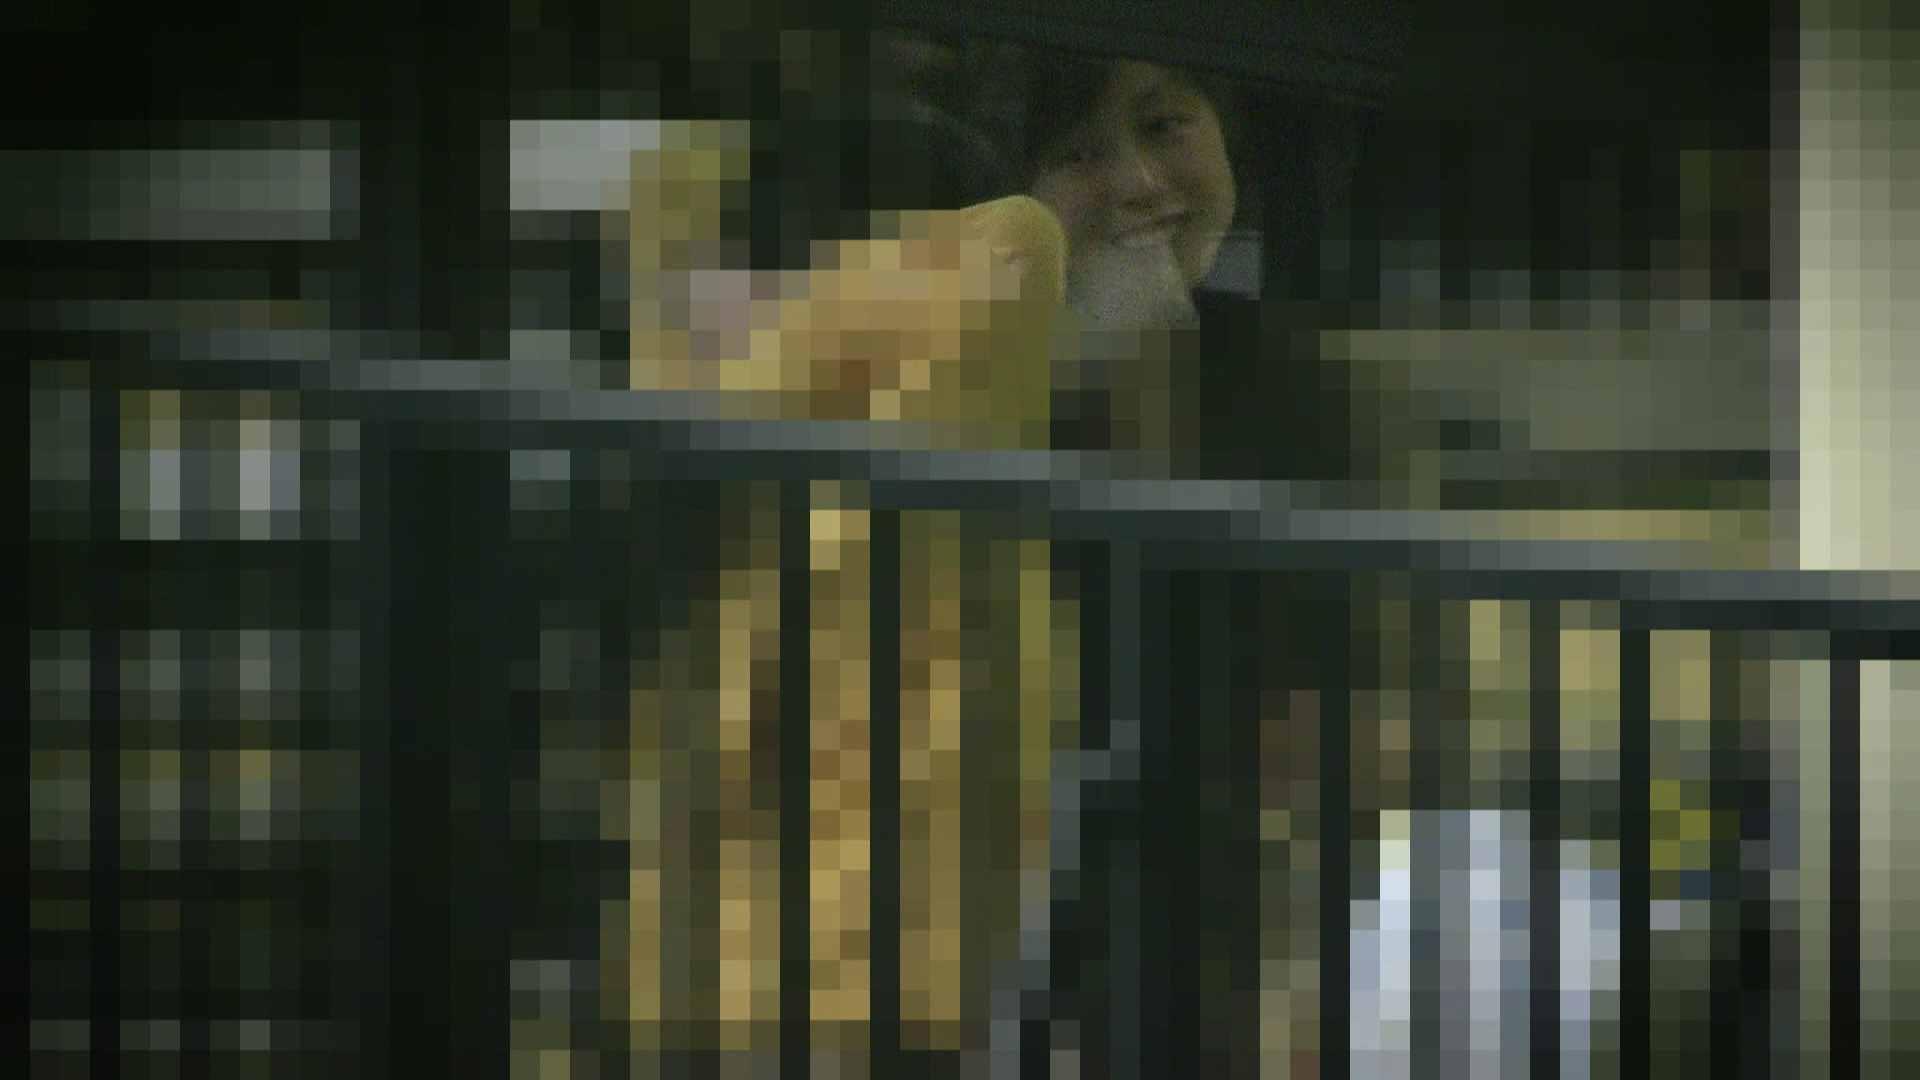 高画質露天女風呂観察 vol.006 女風呂  98PIX 72